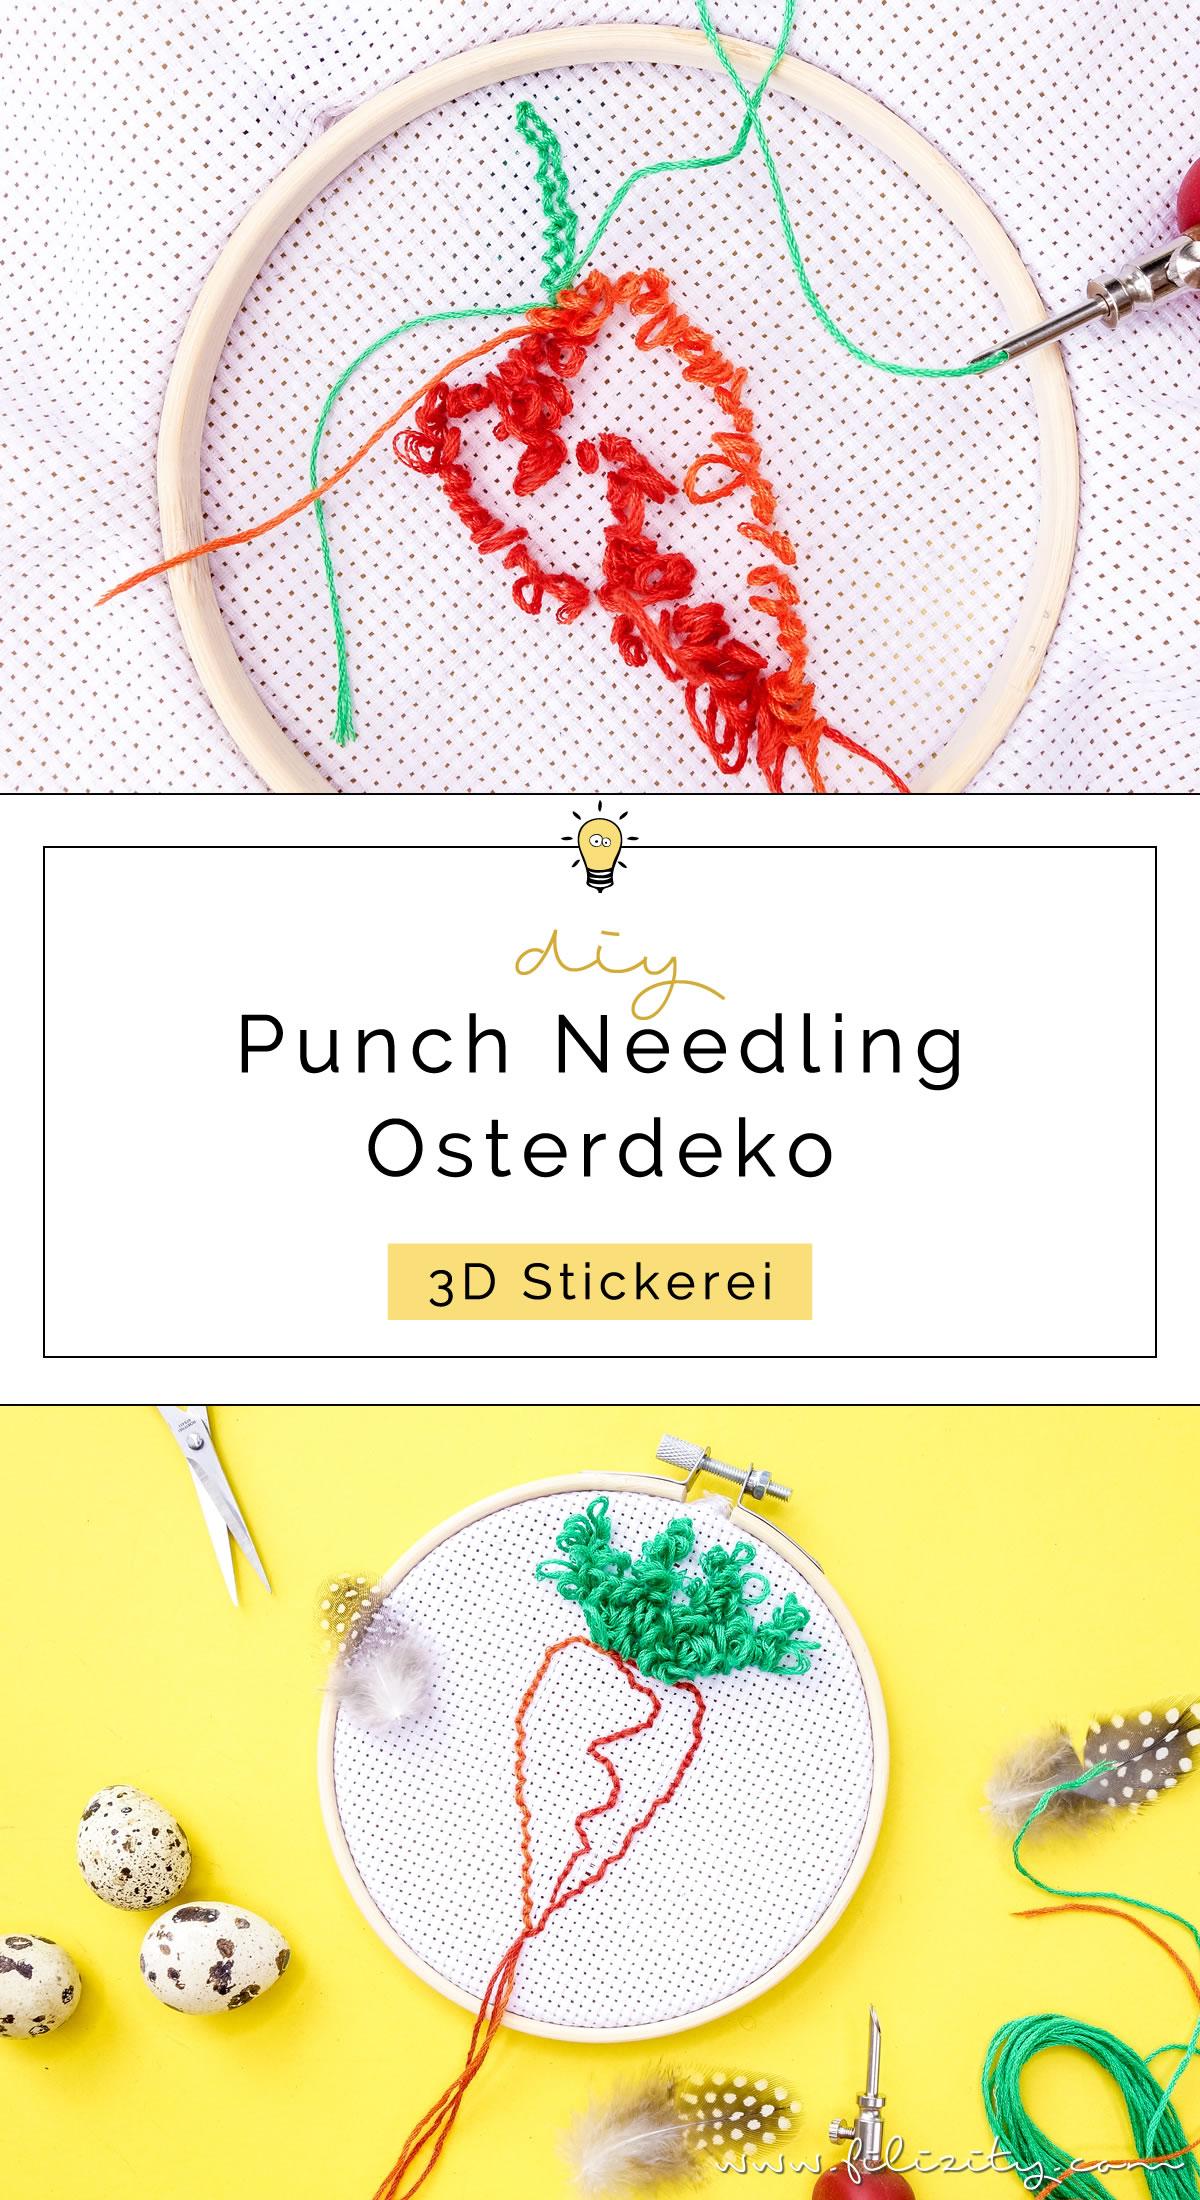 Punch Needling Kinderzimmerdeko für Ostern - 5 Blogs 1000 Ideen | Filizity.com | DIY-Blog aus dem Rheinland #punchneedling #punchneedle #osterdeko #karotte